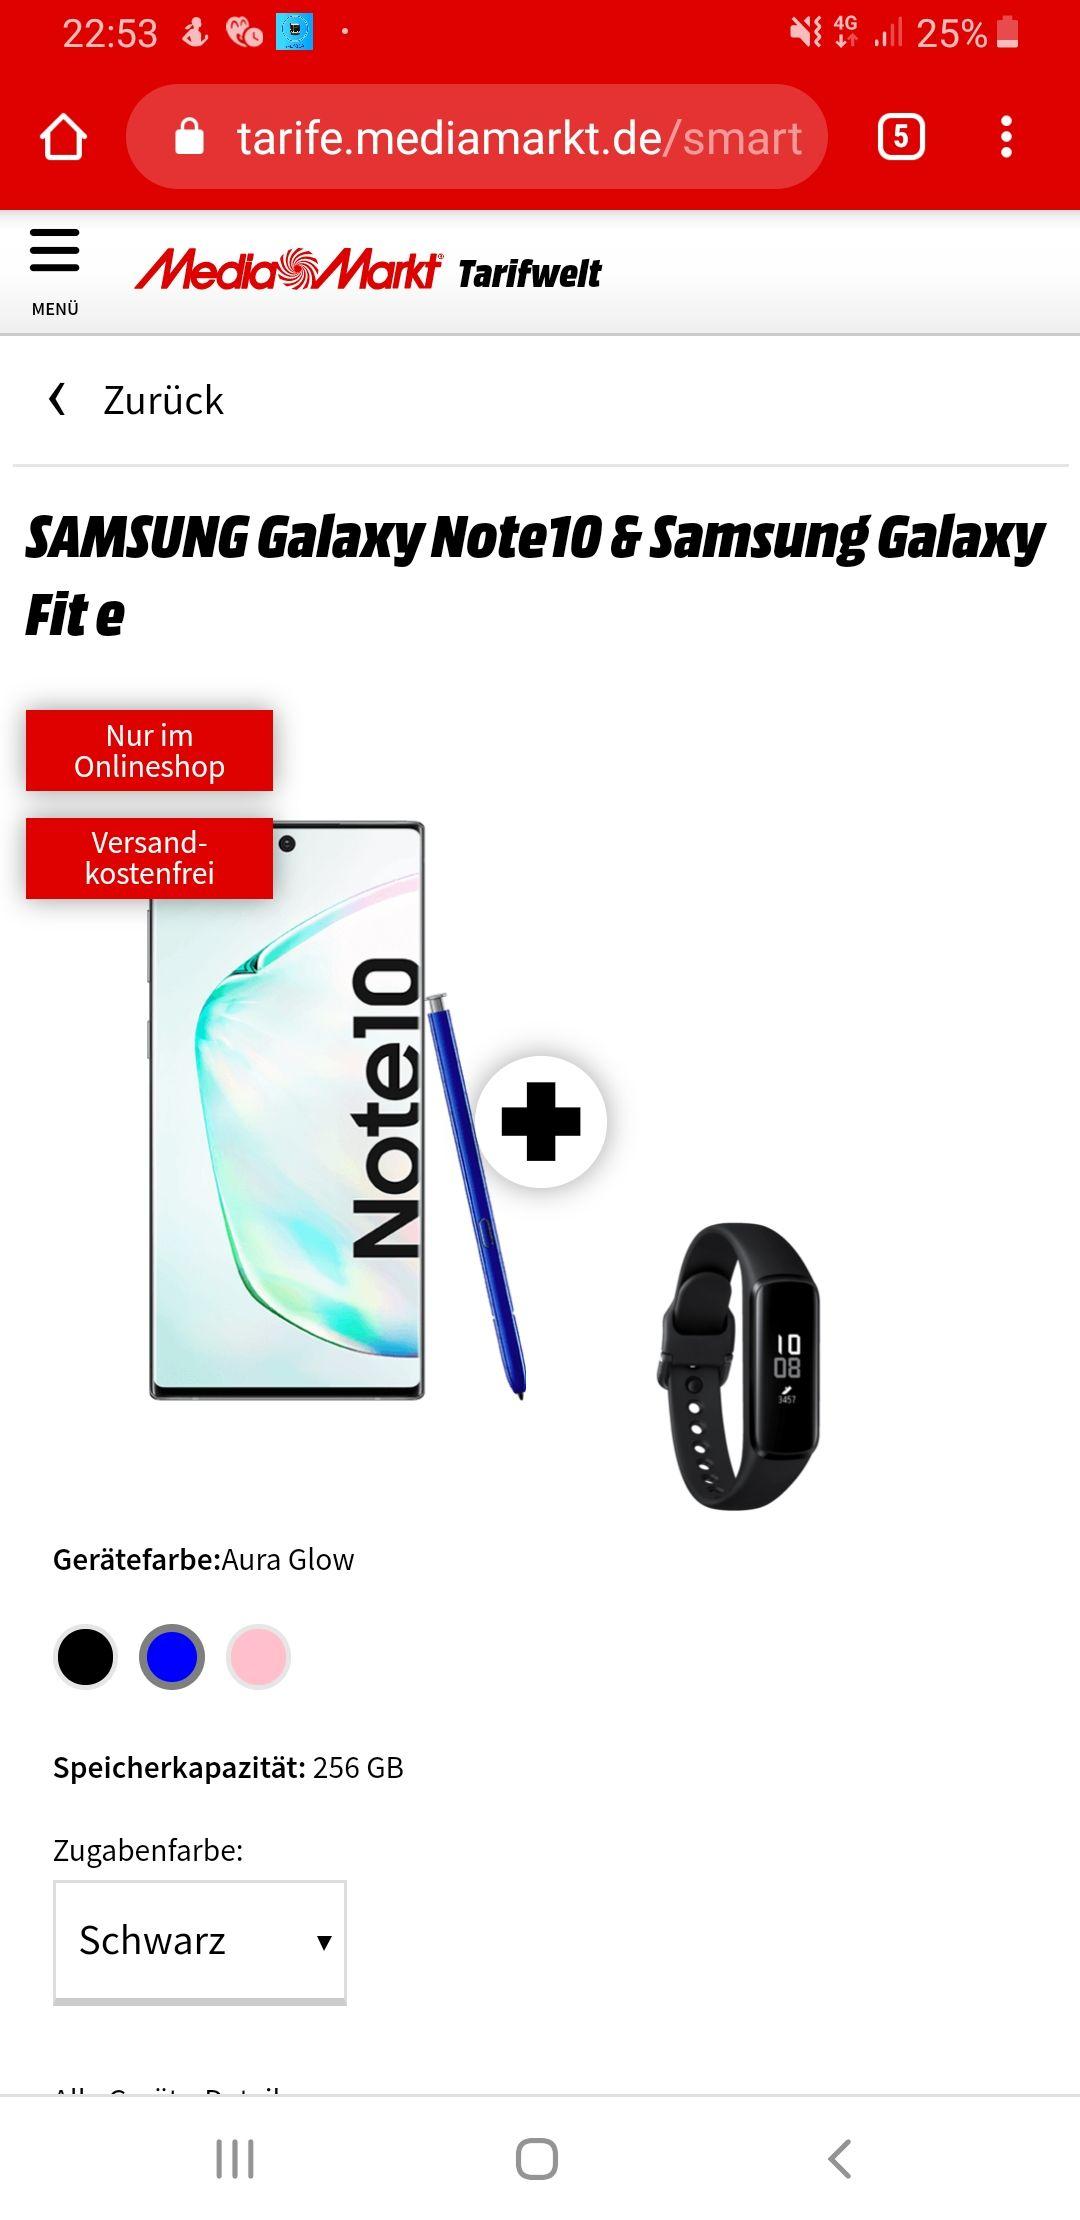 Samsung Galaxy Note 10 & Samsung Galaxy Fit E Telekom Vertrag 8 GB